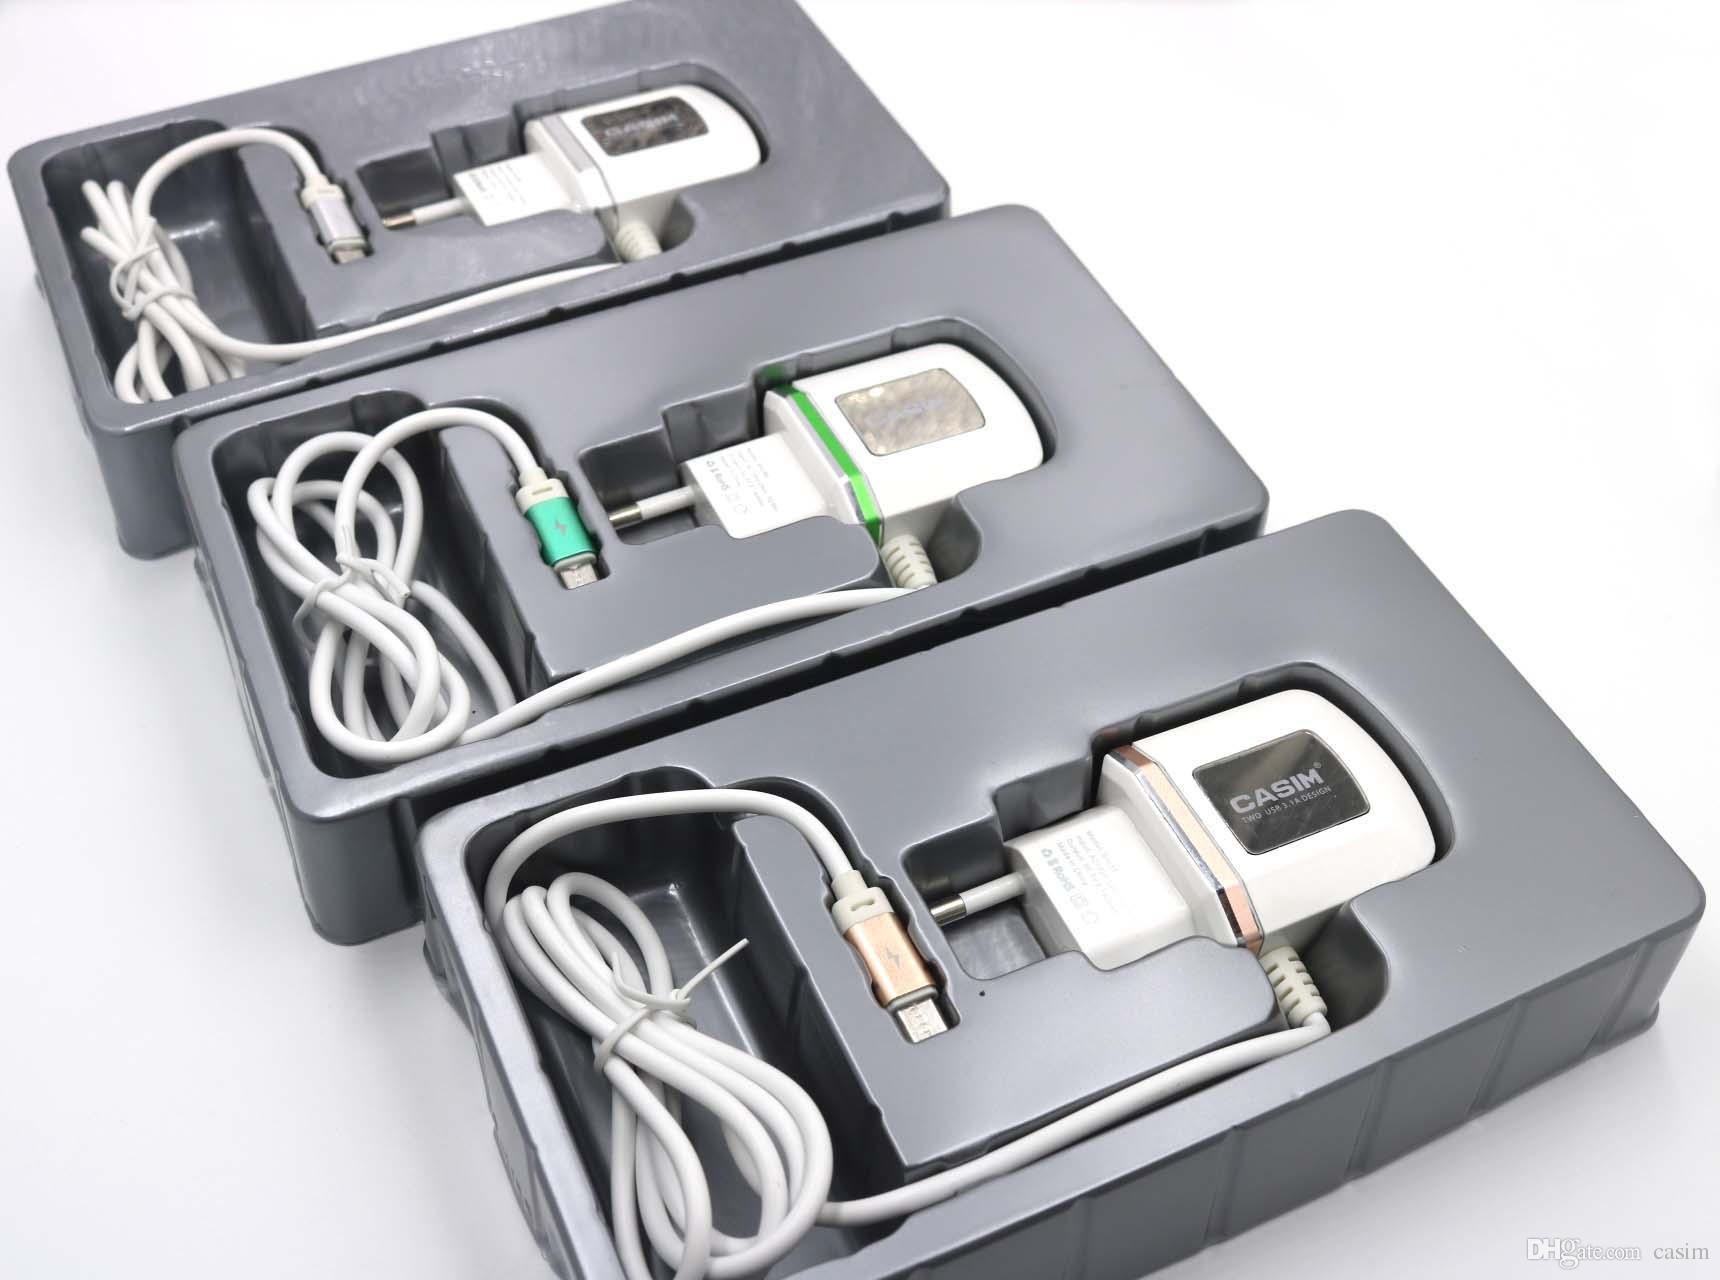 Casim 2 USB Hatları Ile LED Işık iphone Şarj Hızlı Şarj için Samsung telefon Uygulanabilir I5 i6 i7 i8 Cep Telefonu